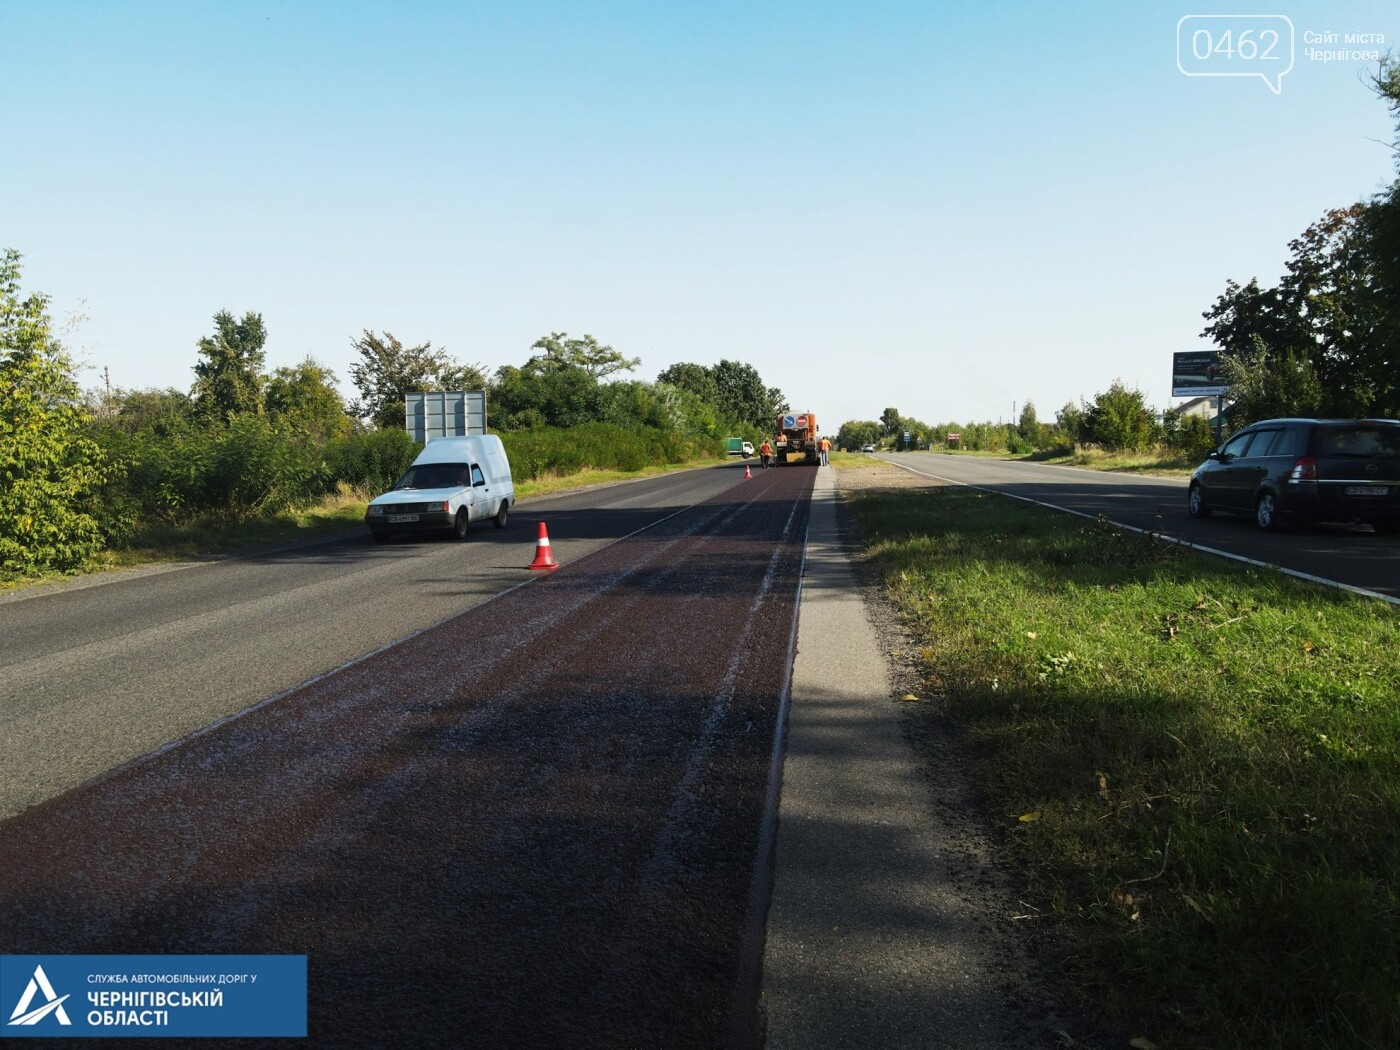 На в'їзді до Чернігова ремонтують дорогу, фото-1